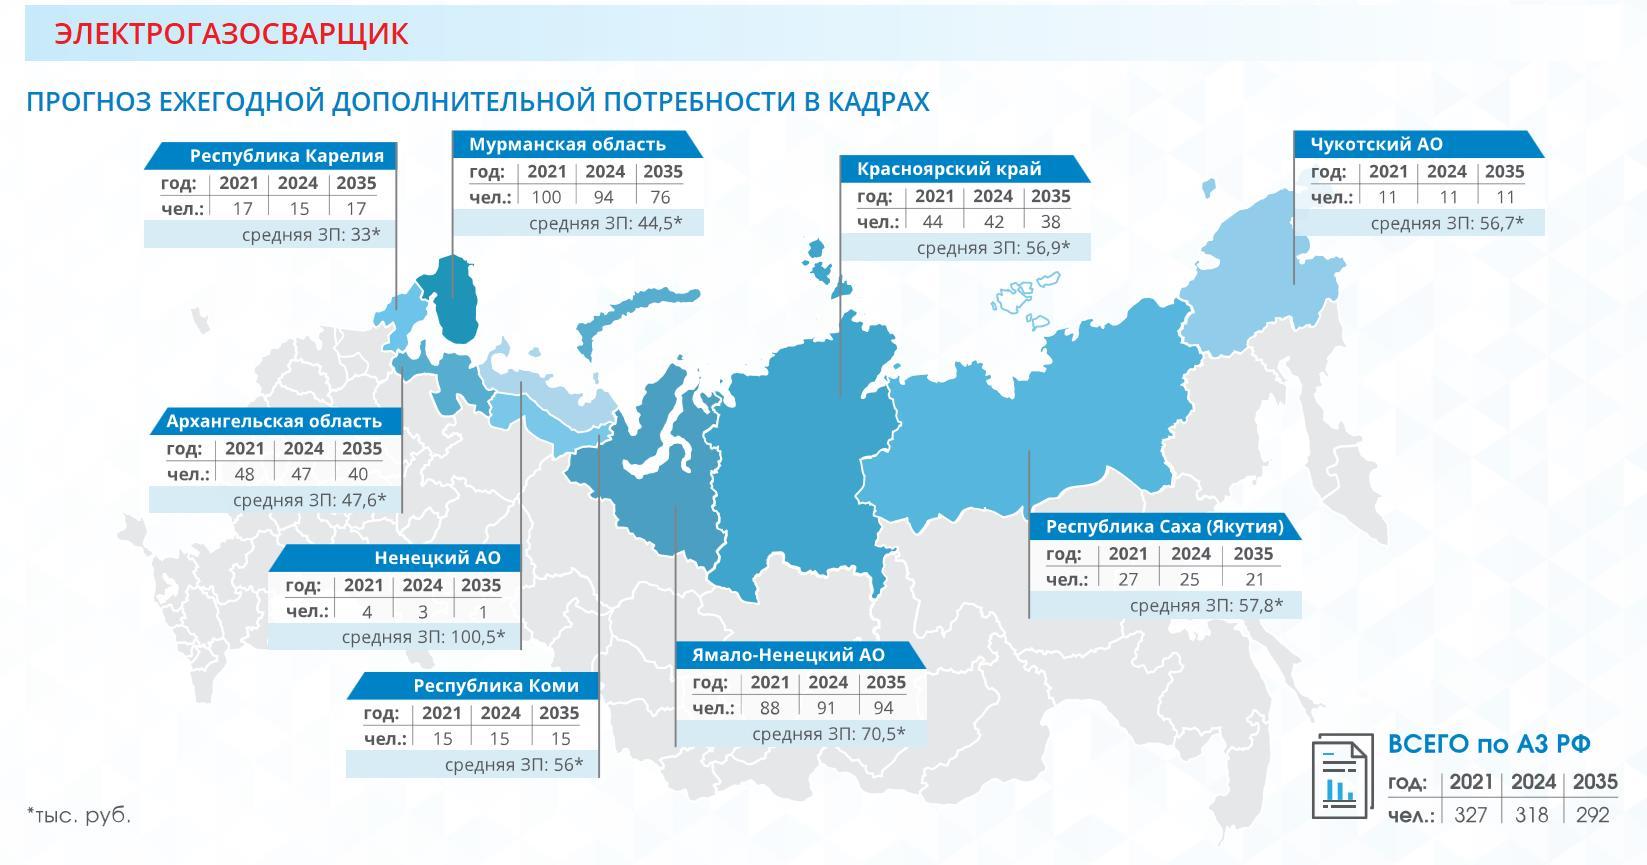 Электрогазосварщик в Арктике з/п и кол-вот открытых мест